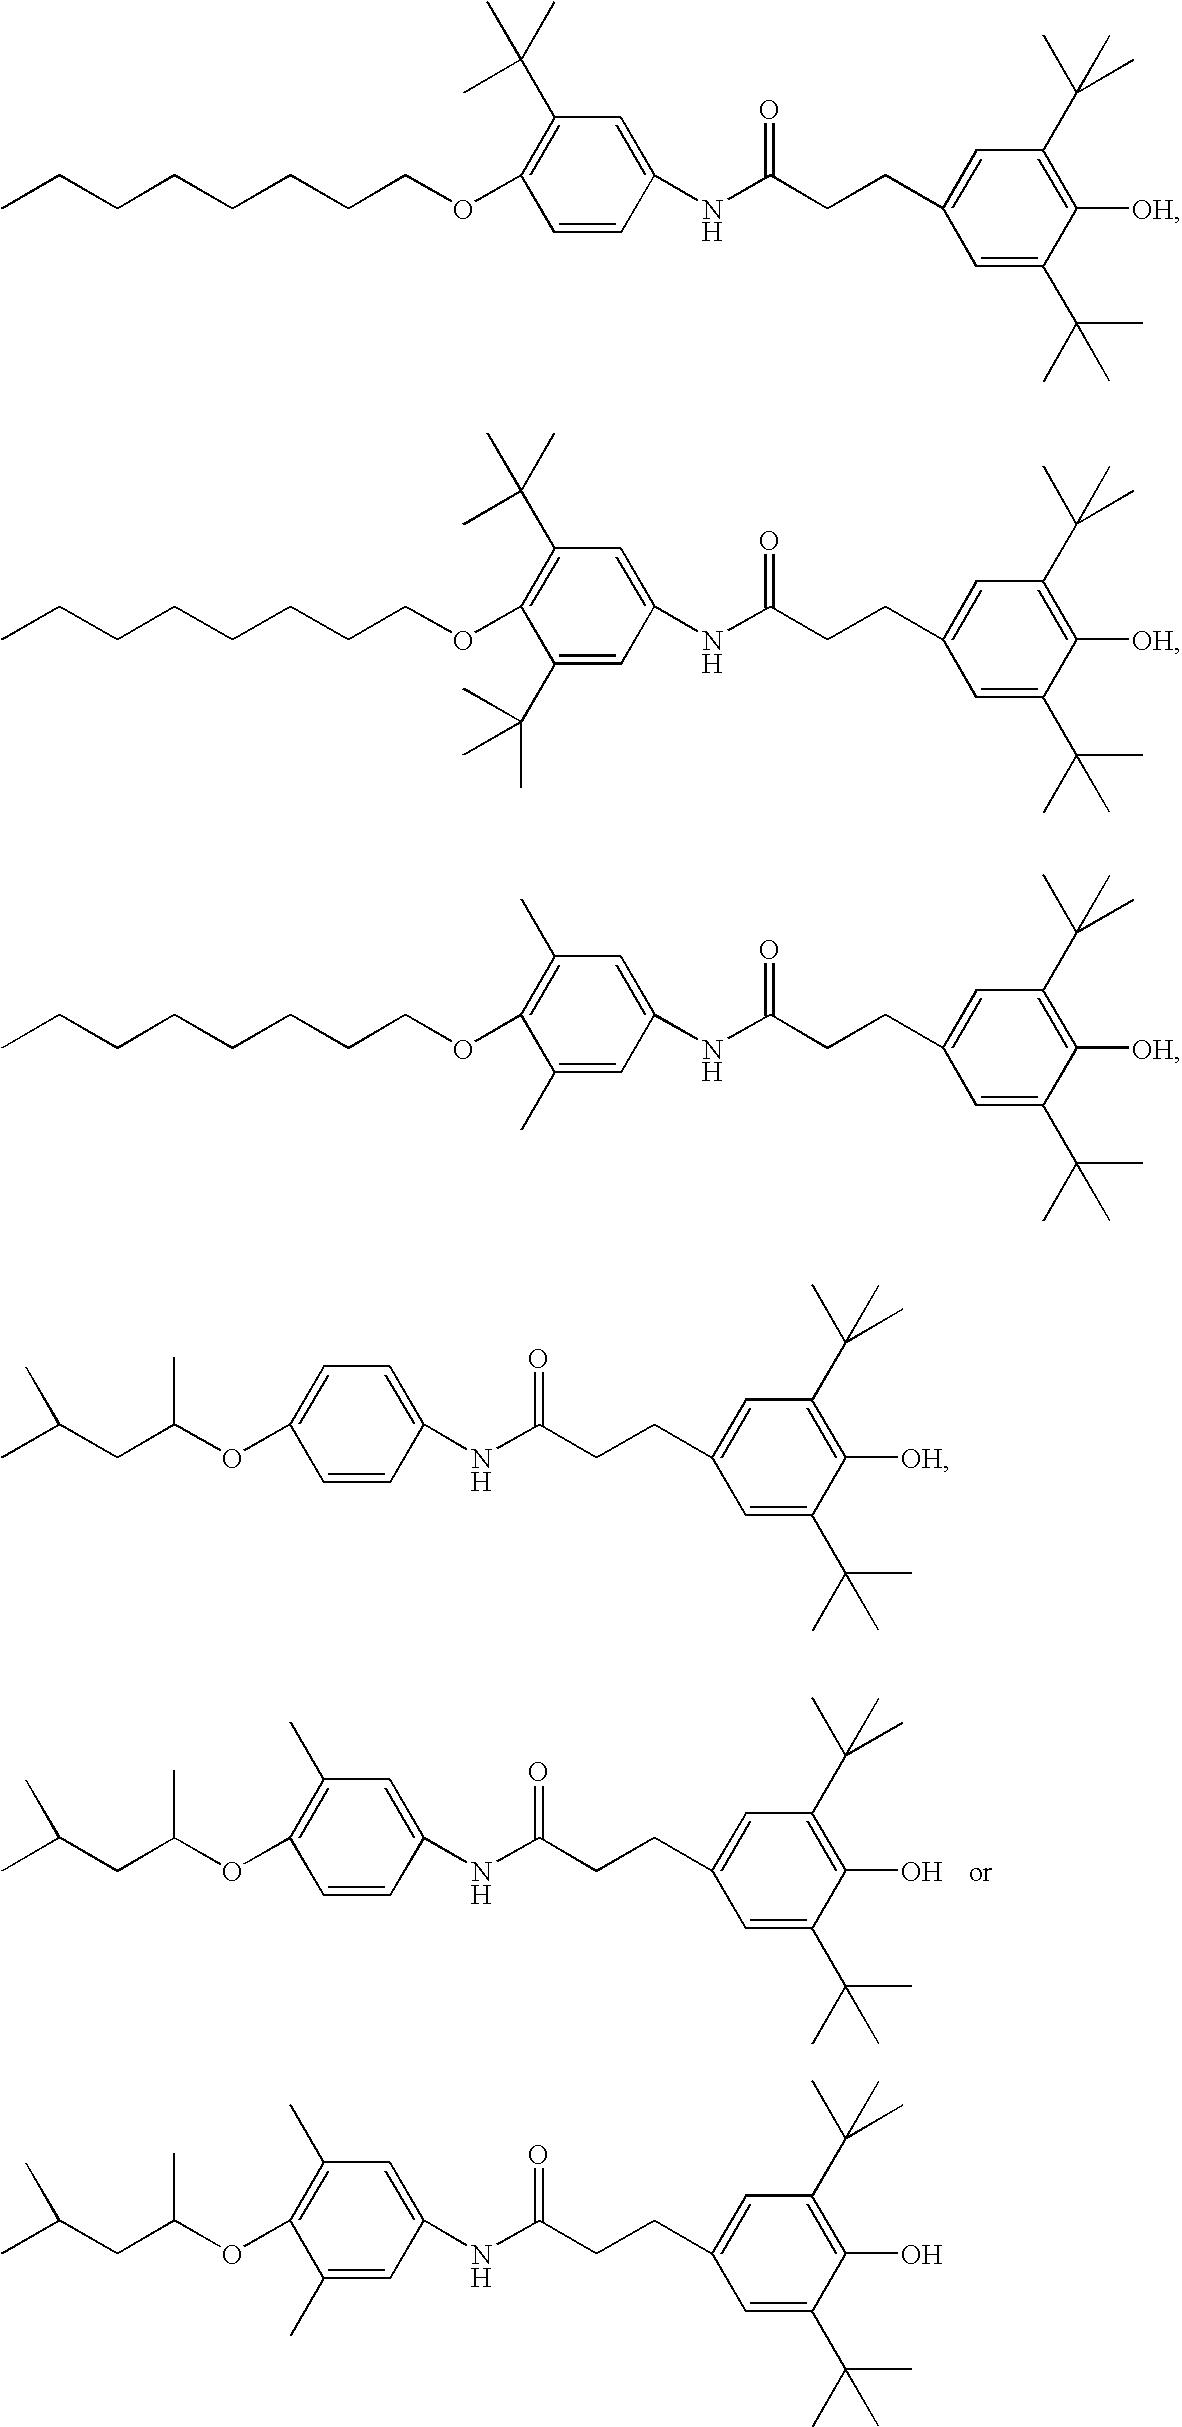 Figure US20080293856A1-20081127-C00096